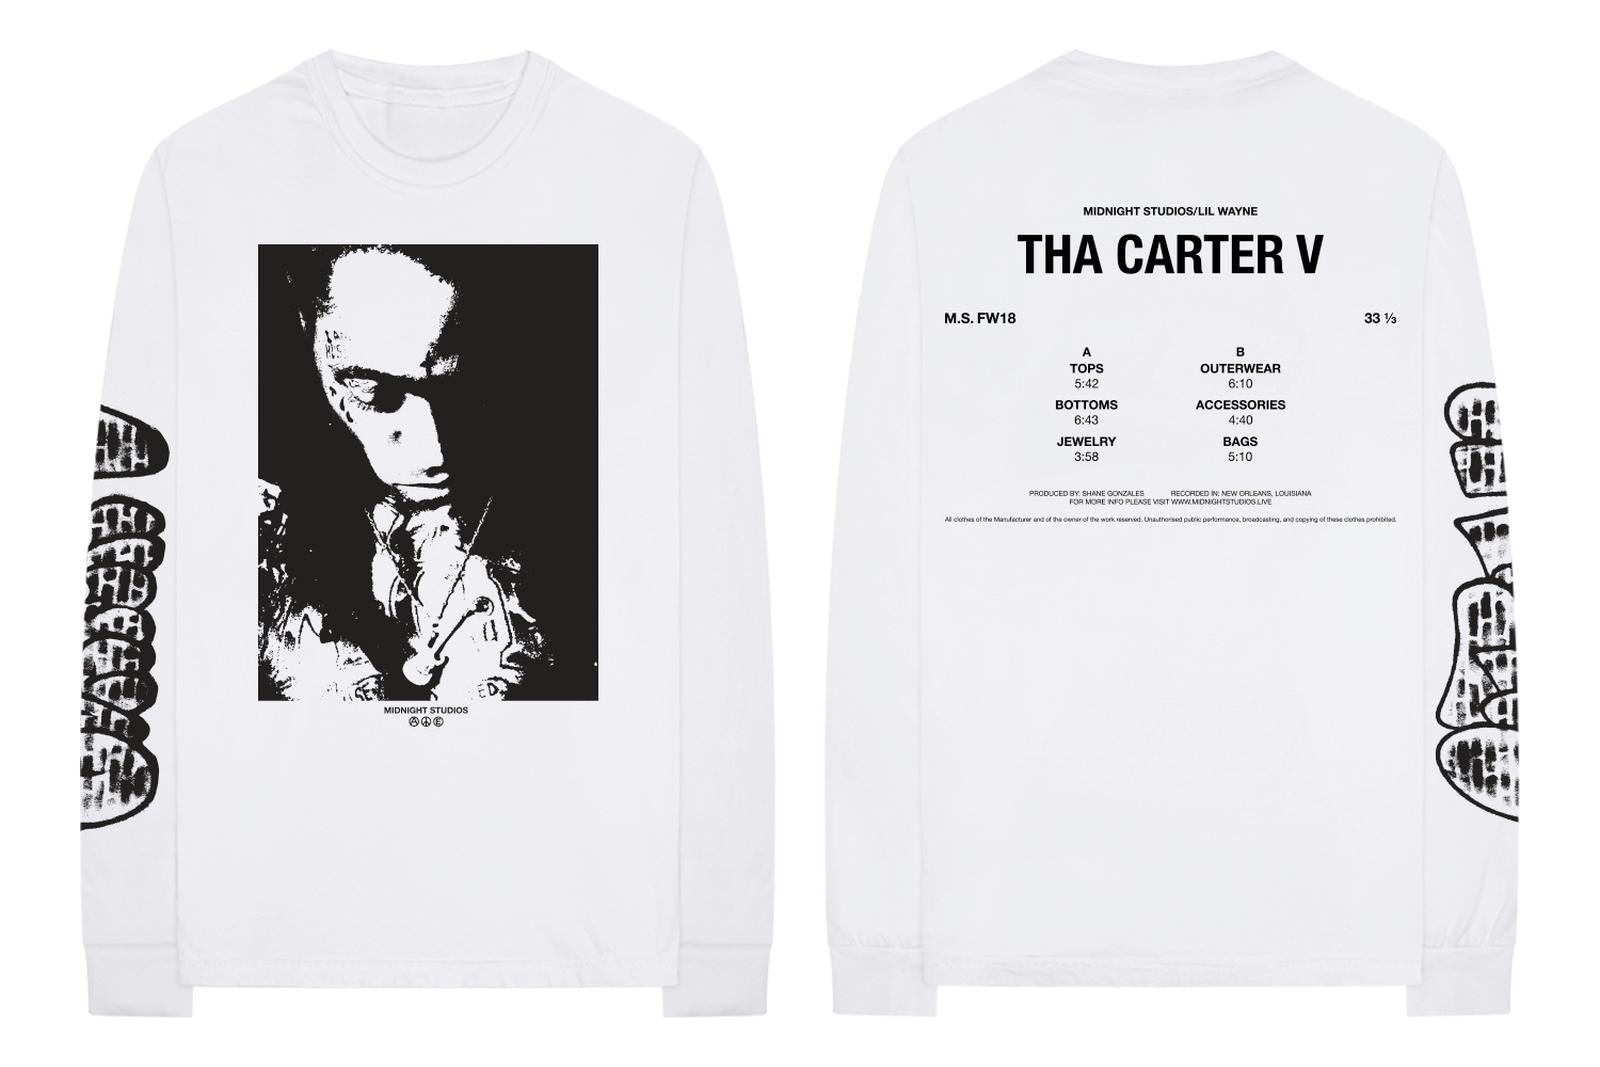 lil wayne carter v 5 merch midnight studios Tha Carter V bravado